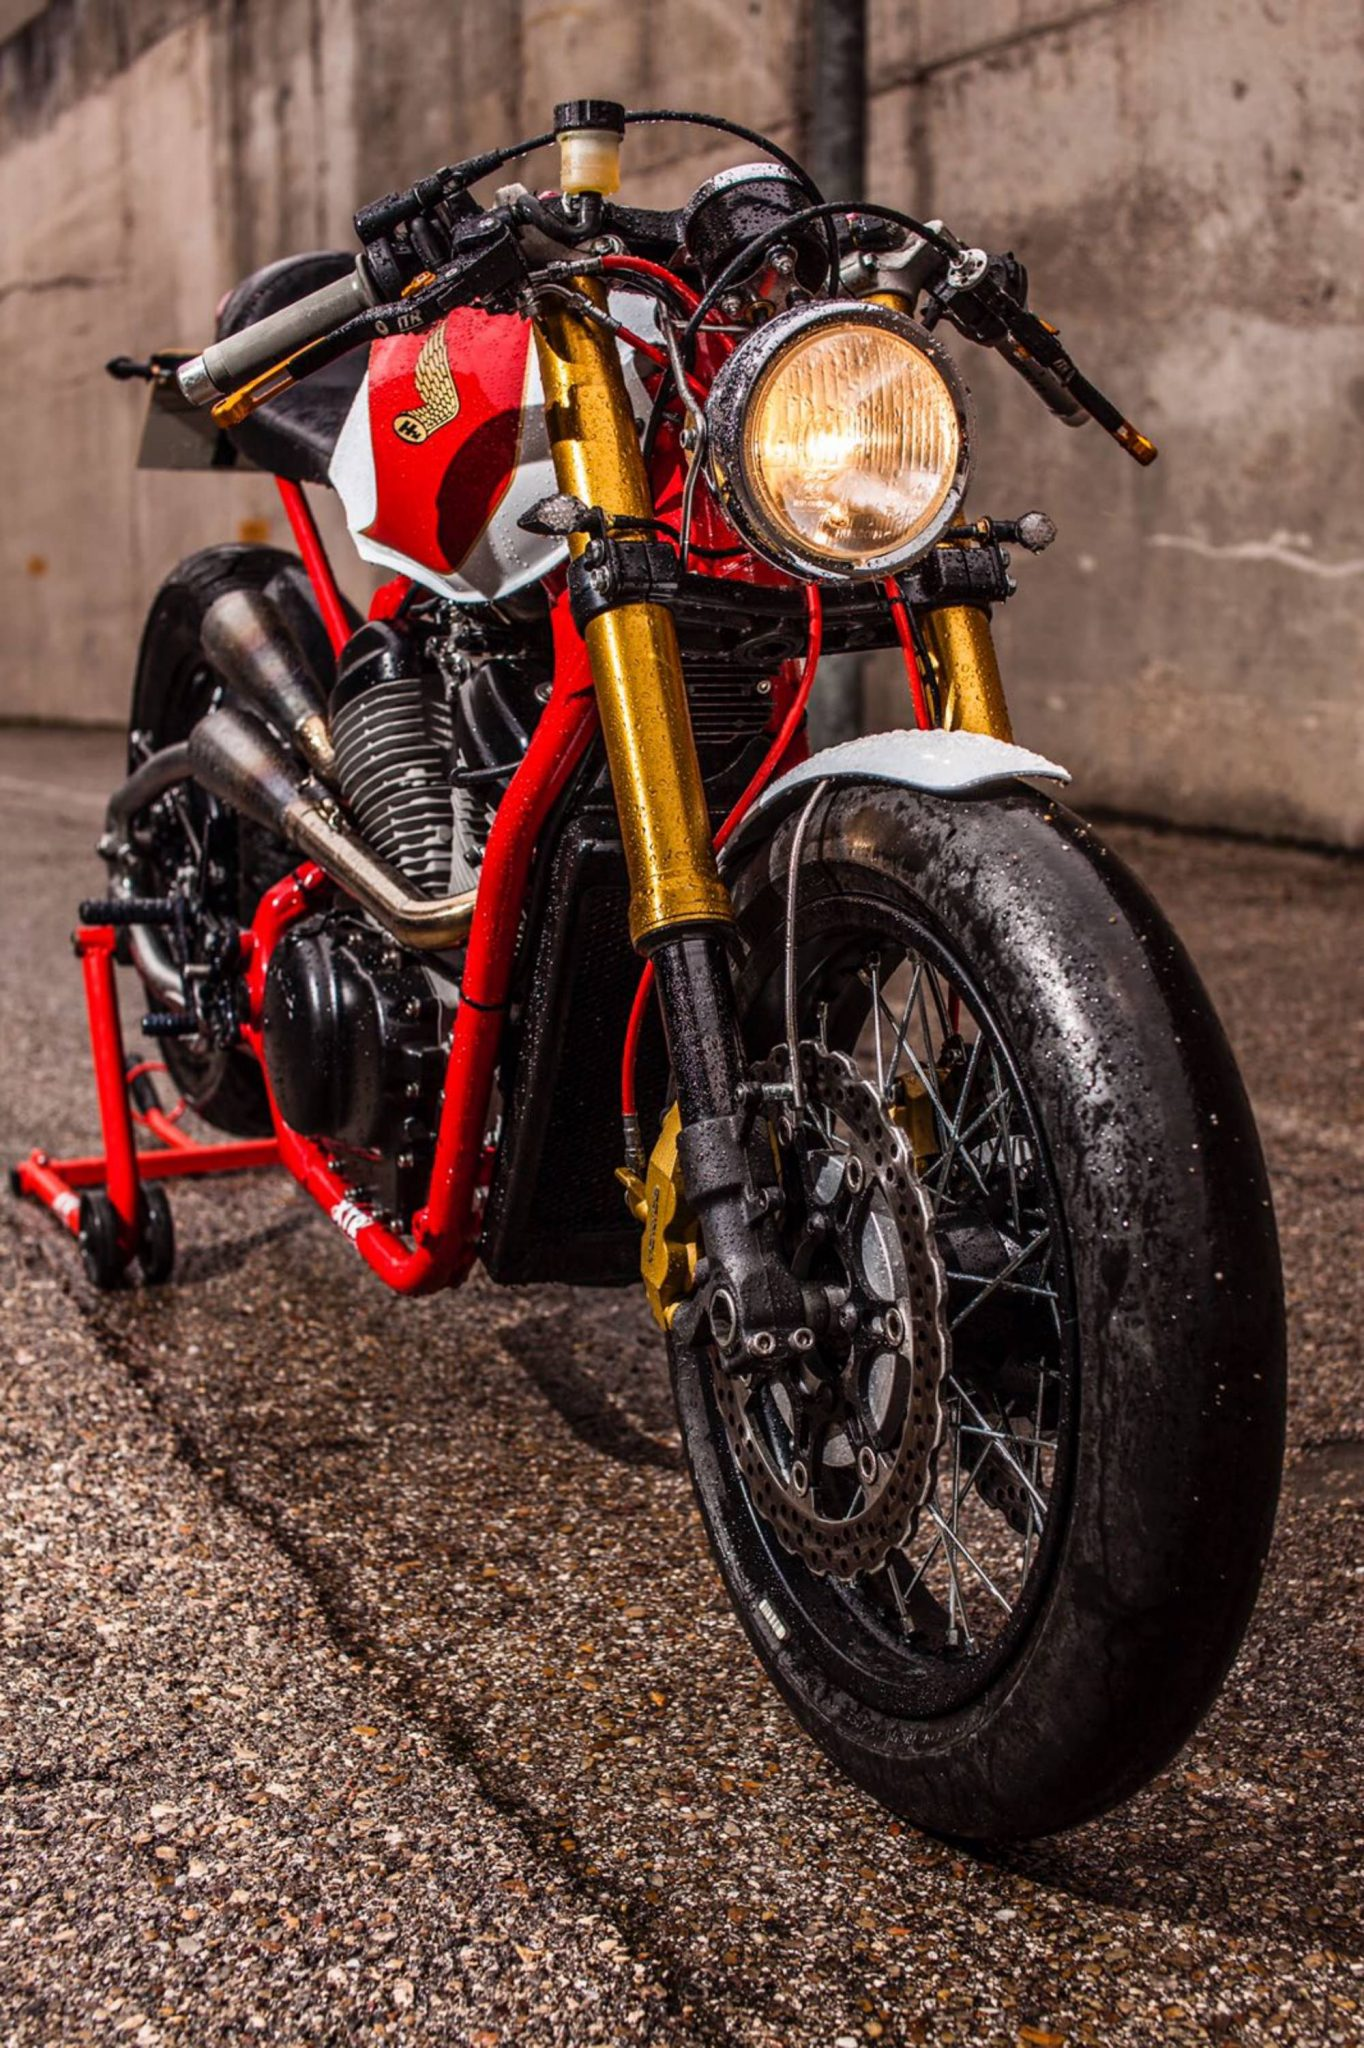 Xtr Pepo Honda Shadow Custom